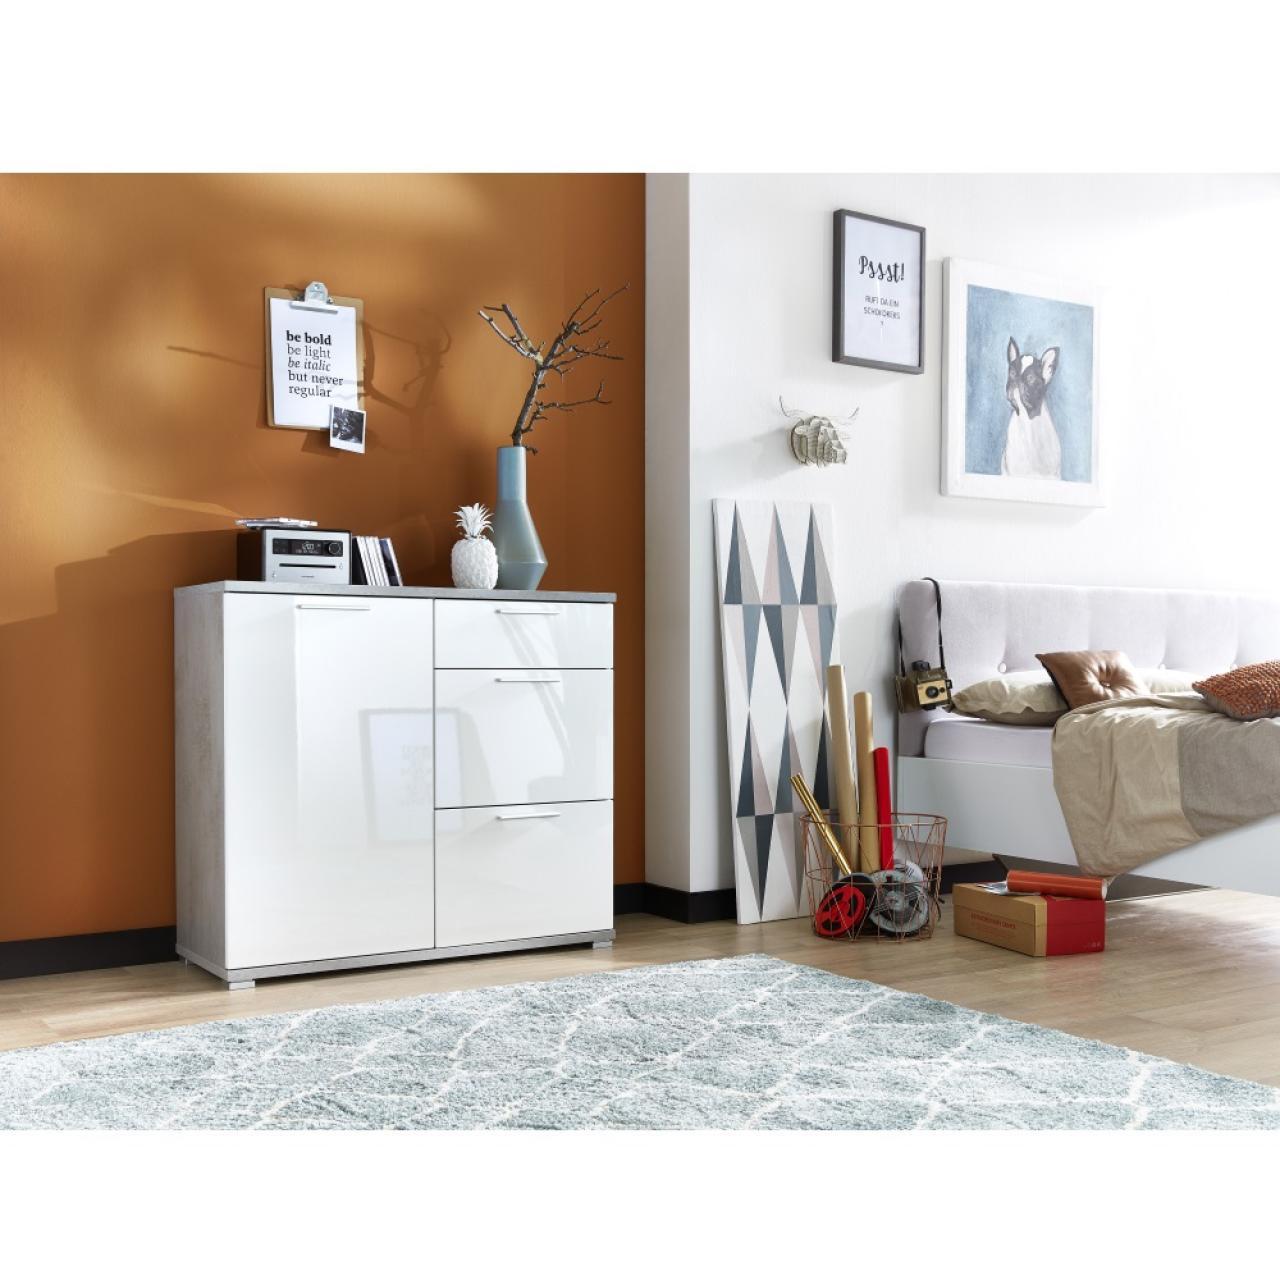 kommode almeria | beton - weiß | 3 schubkästen | 1 tür | möbel